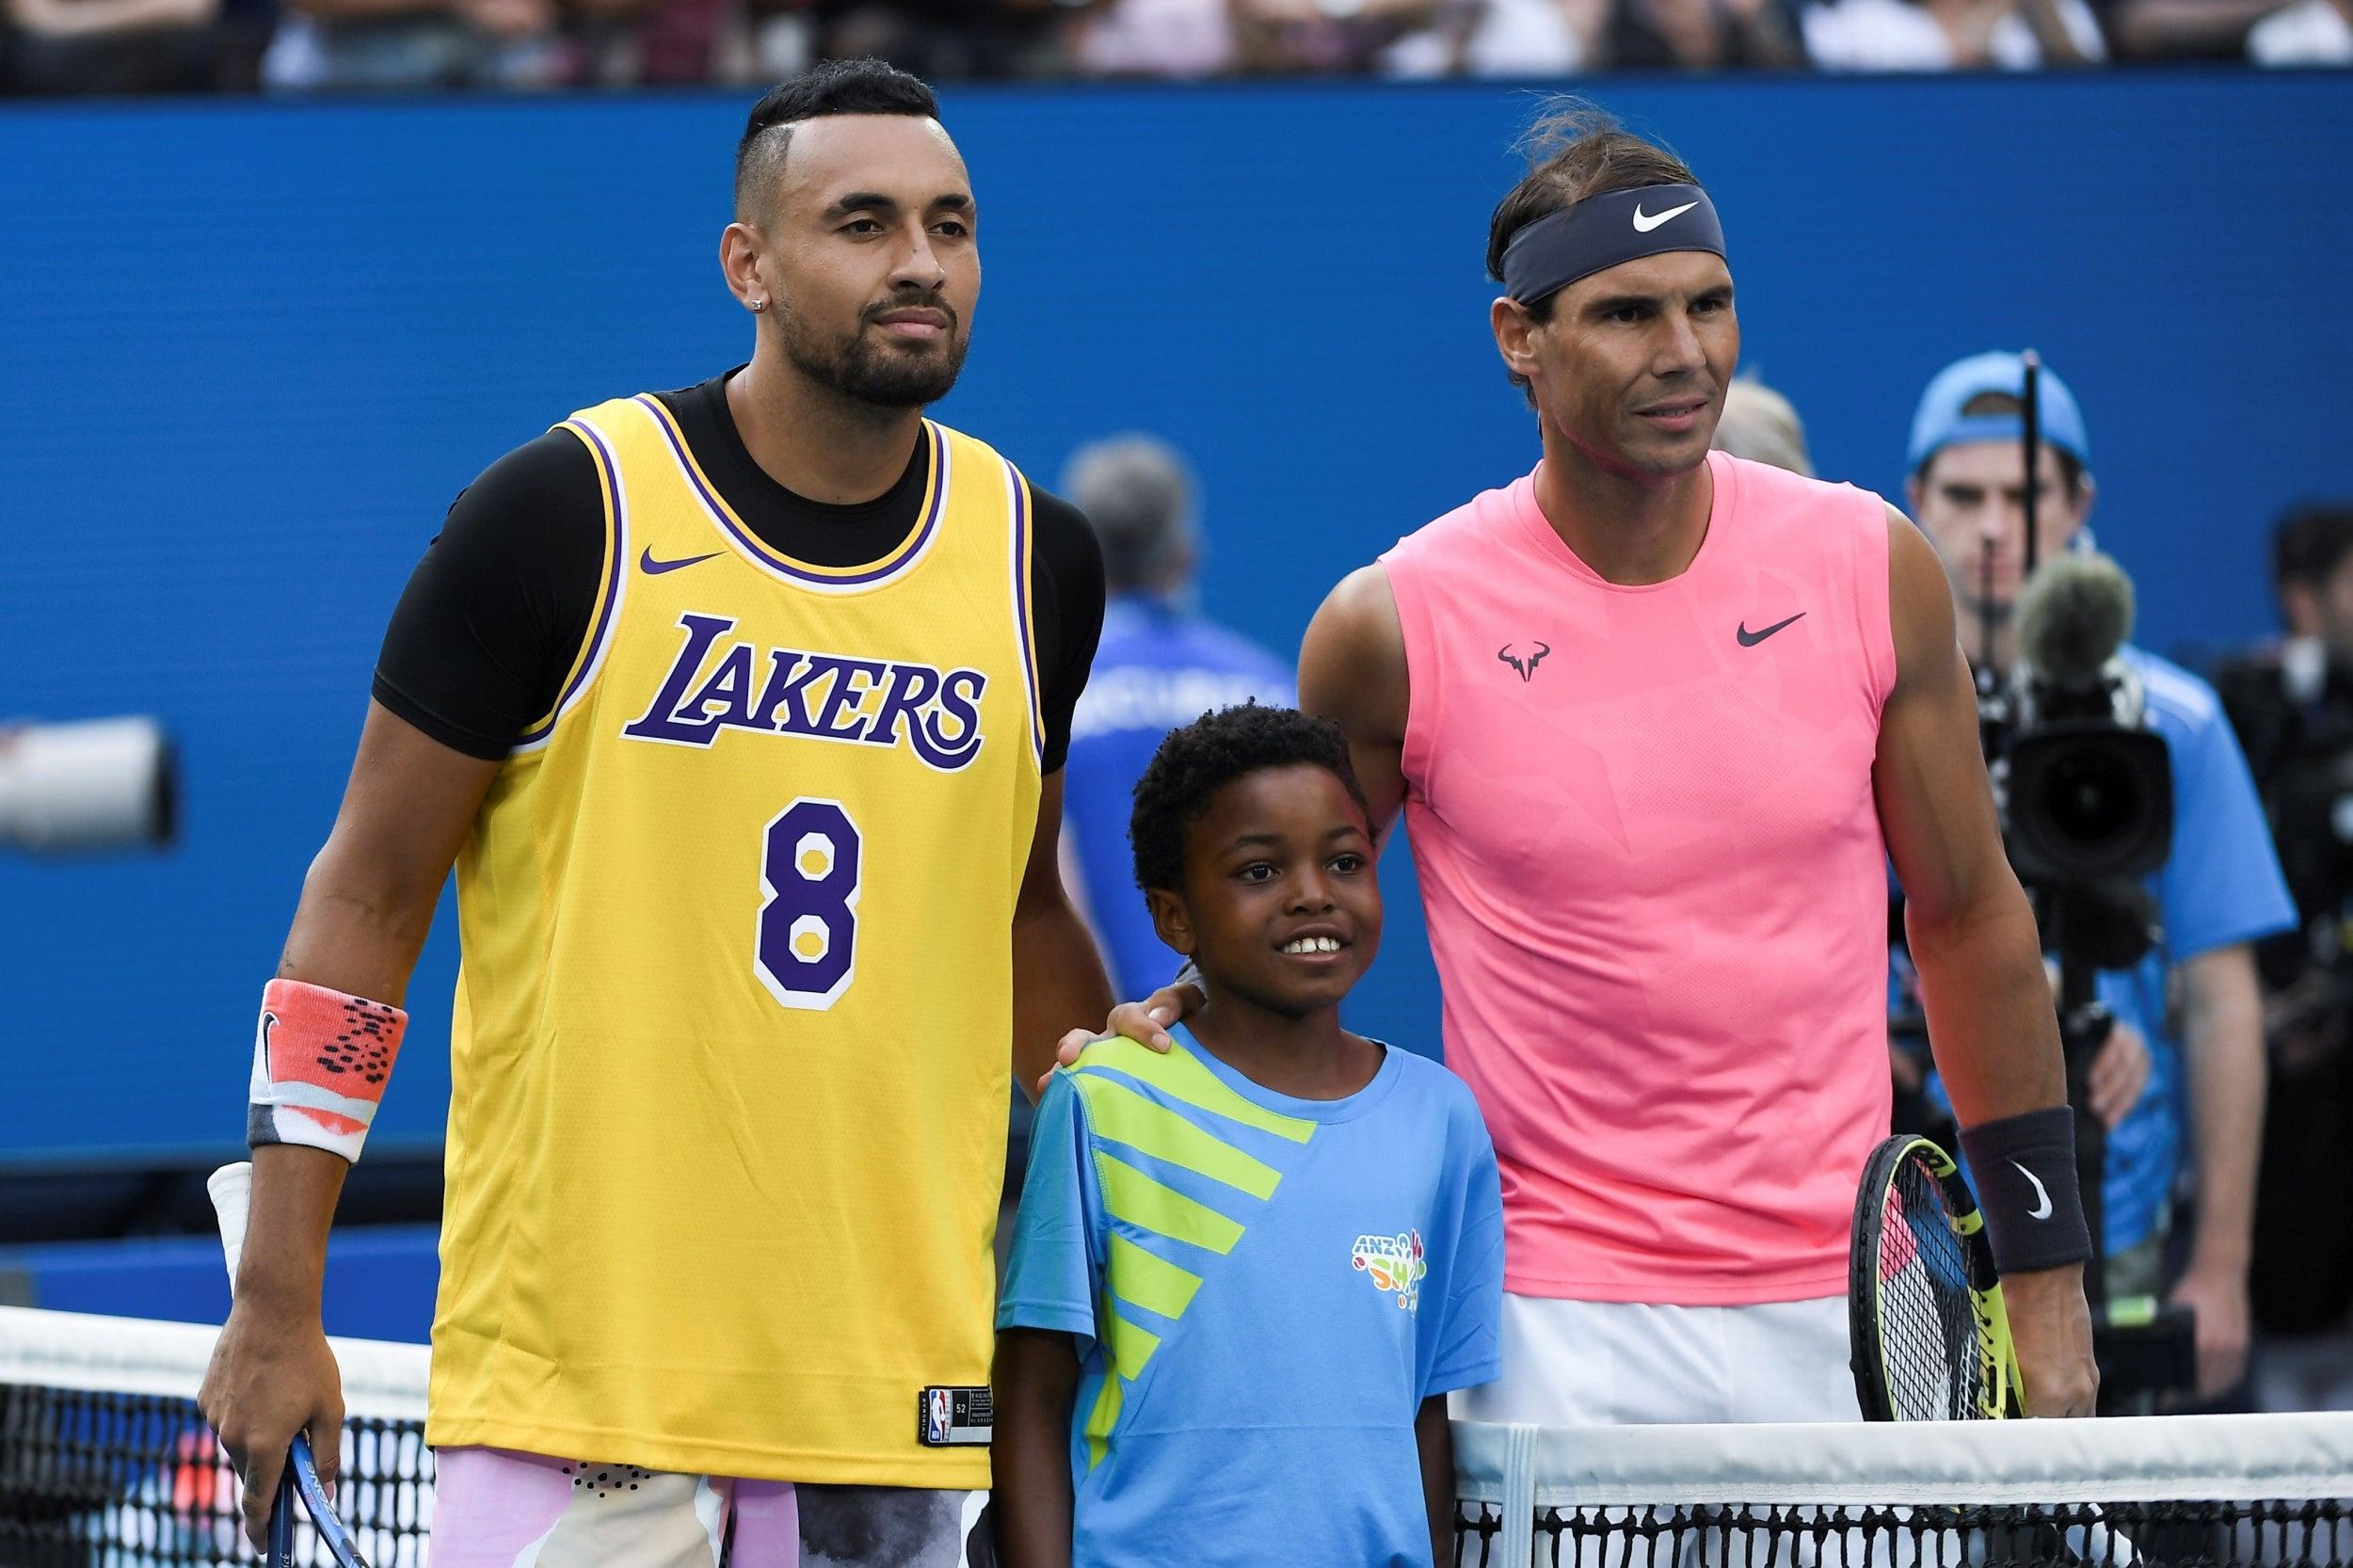 Omaggio agli Australian Open, lo slam delle epiche rimonte